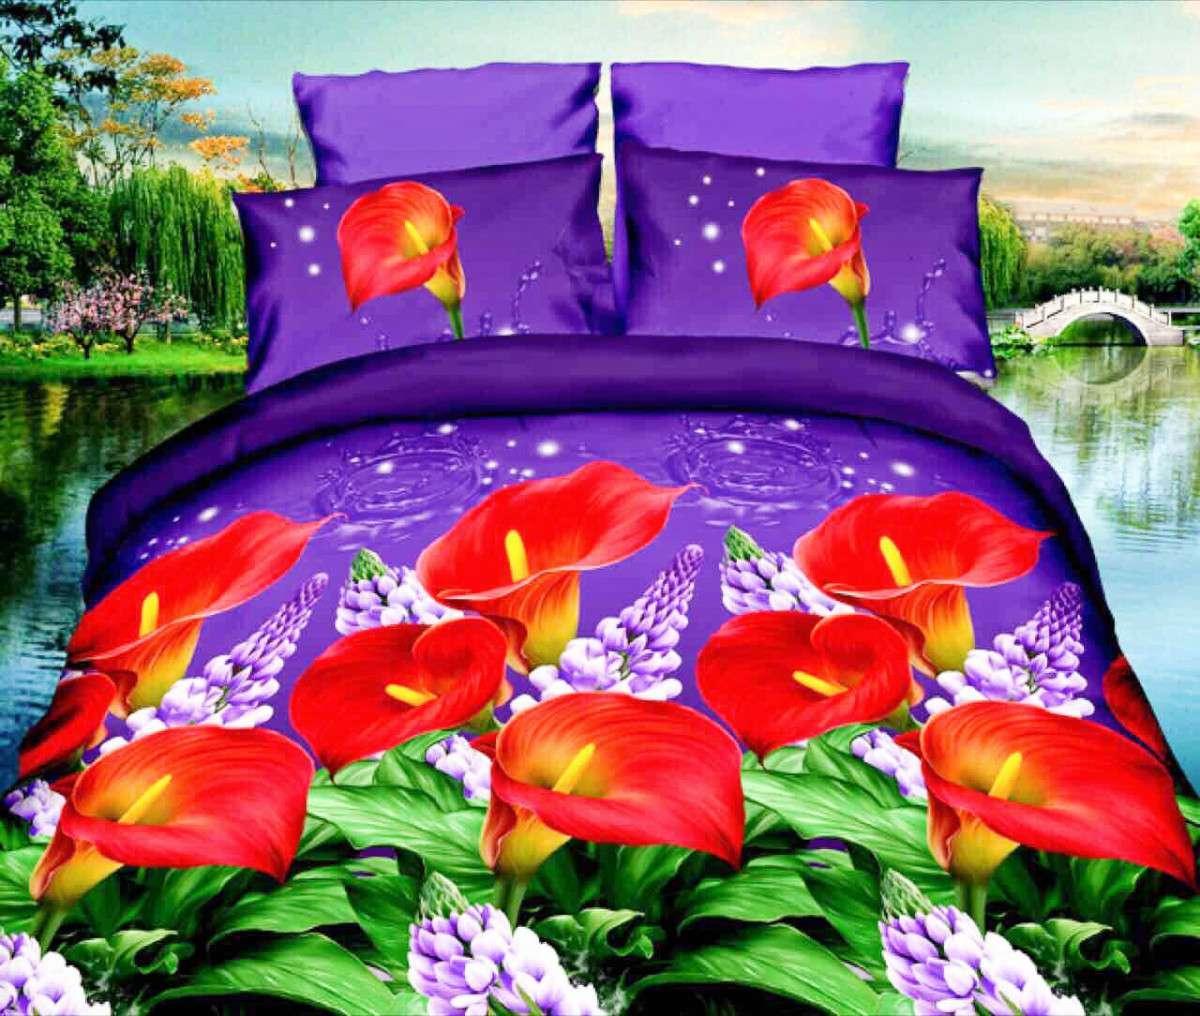 Комплект постельного белья от украинского производителя Polycotton Двуспальный T-90921